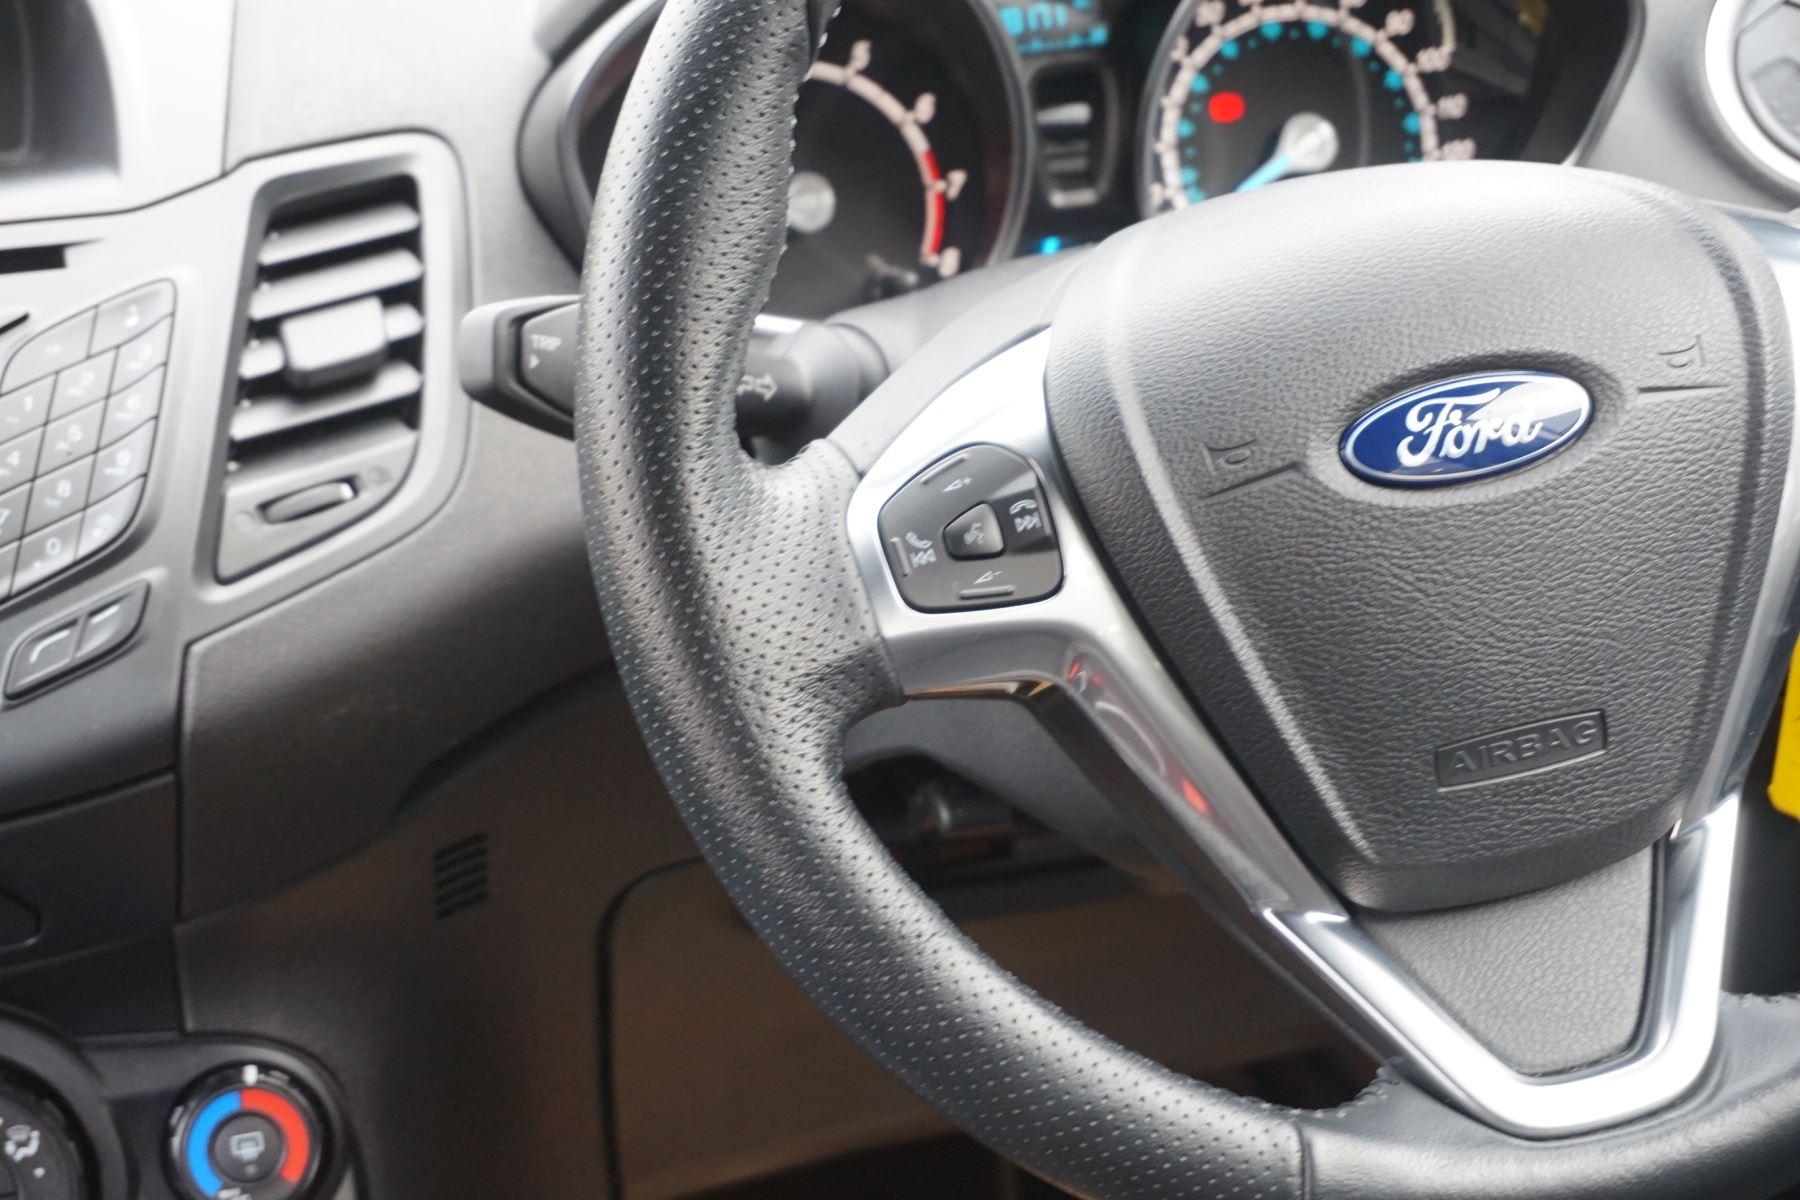 Ford Fiesta 1.0 EcoBoost 125 ST-Line 5dr image 15